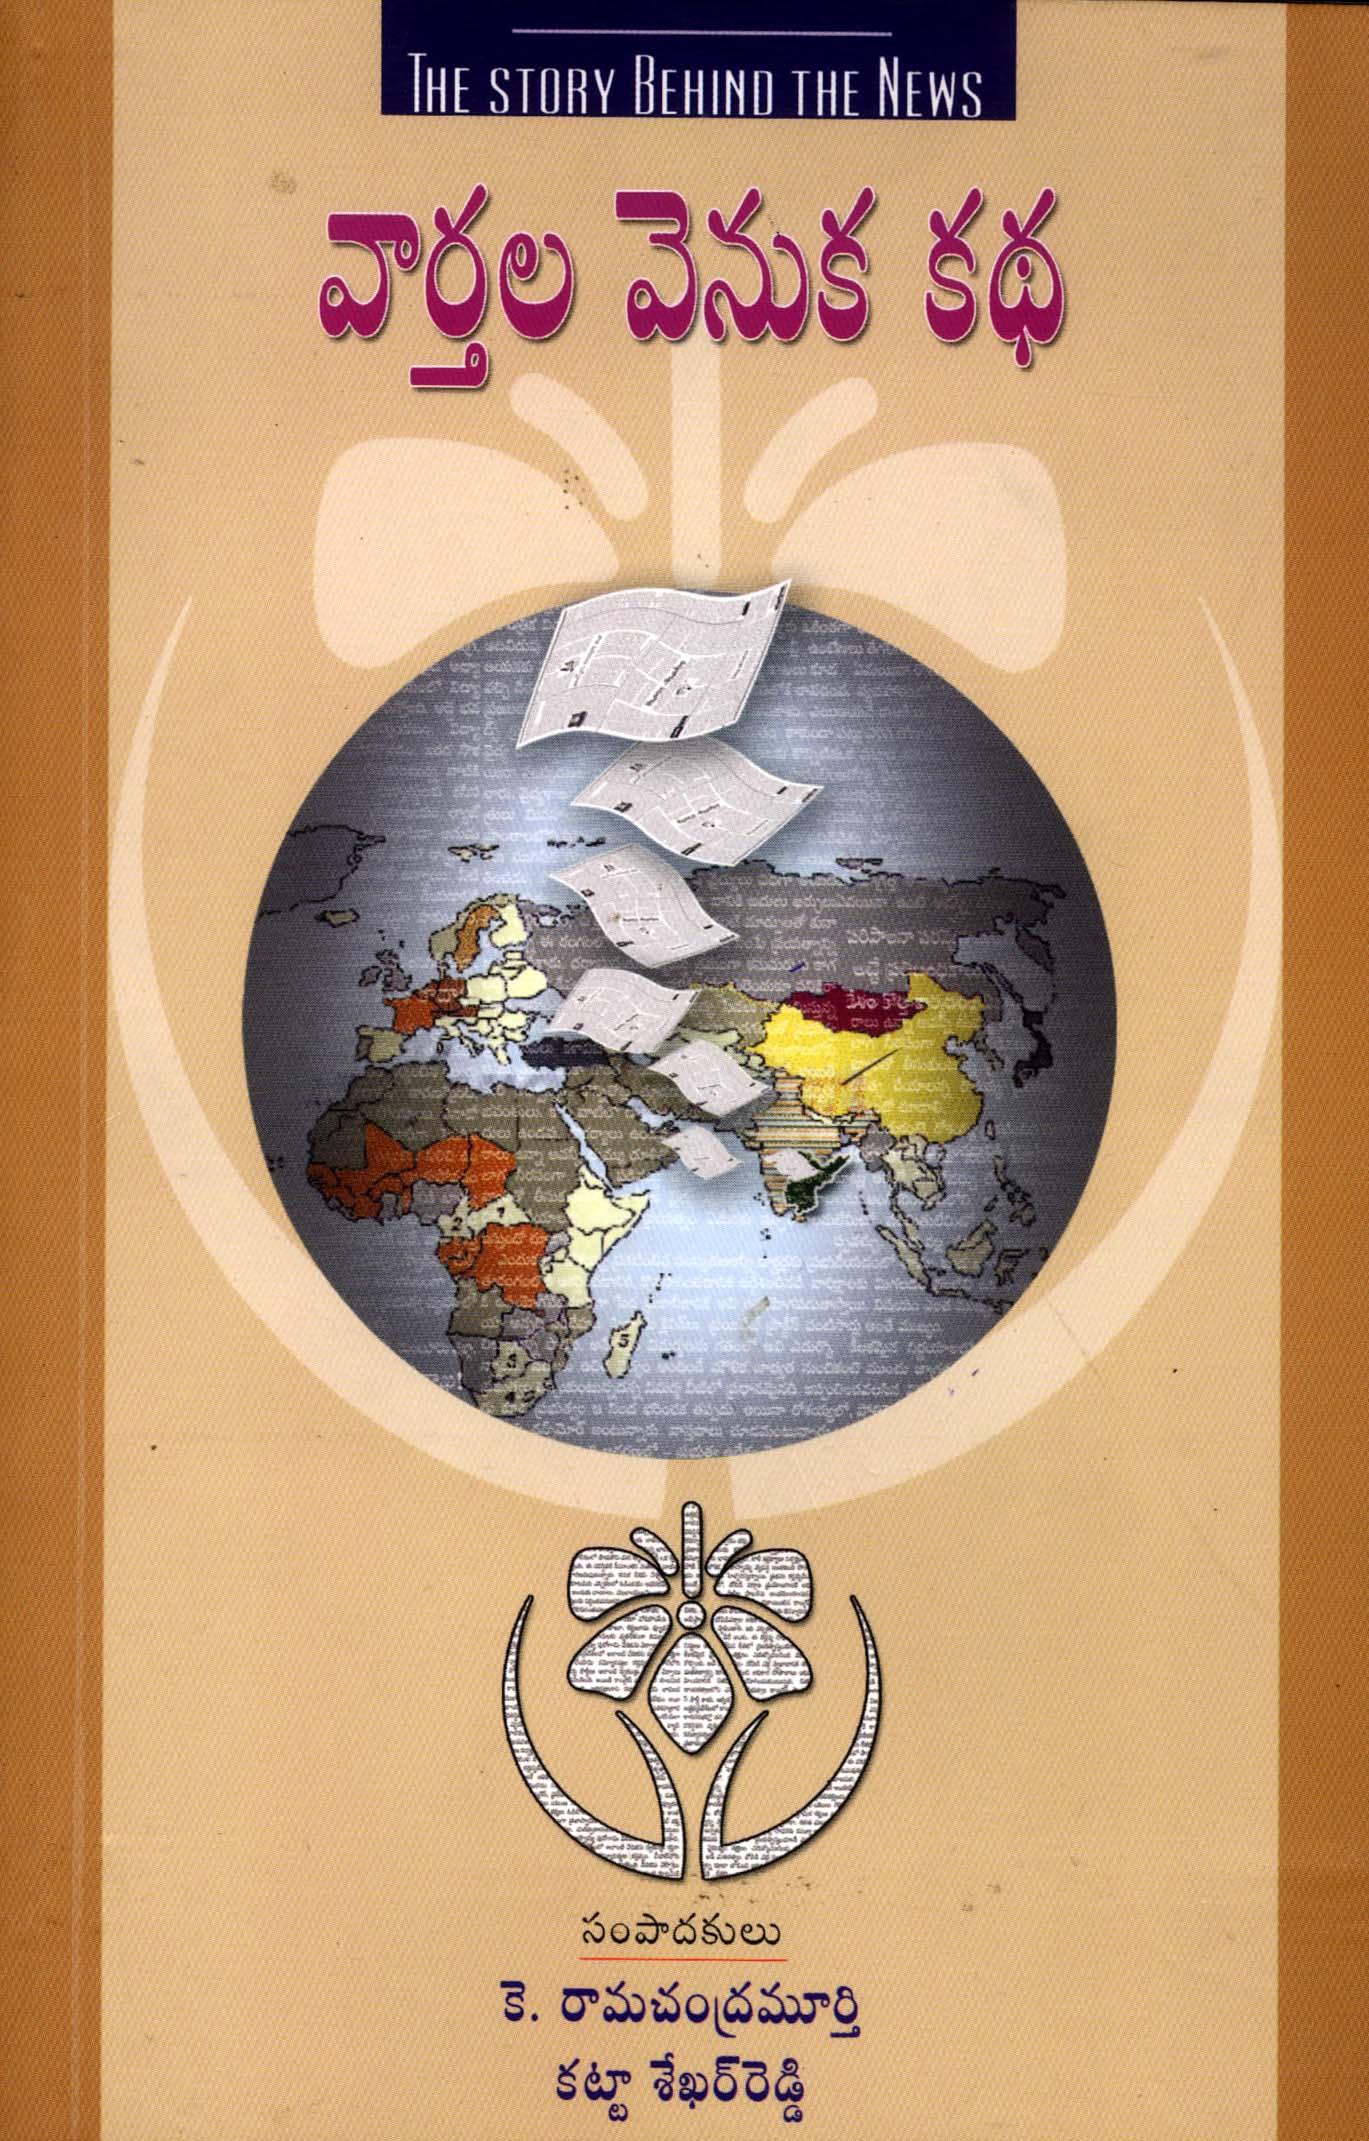 వార్తల వెనుక కథ